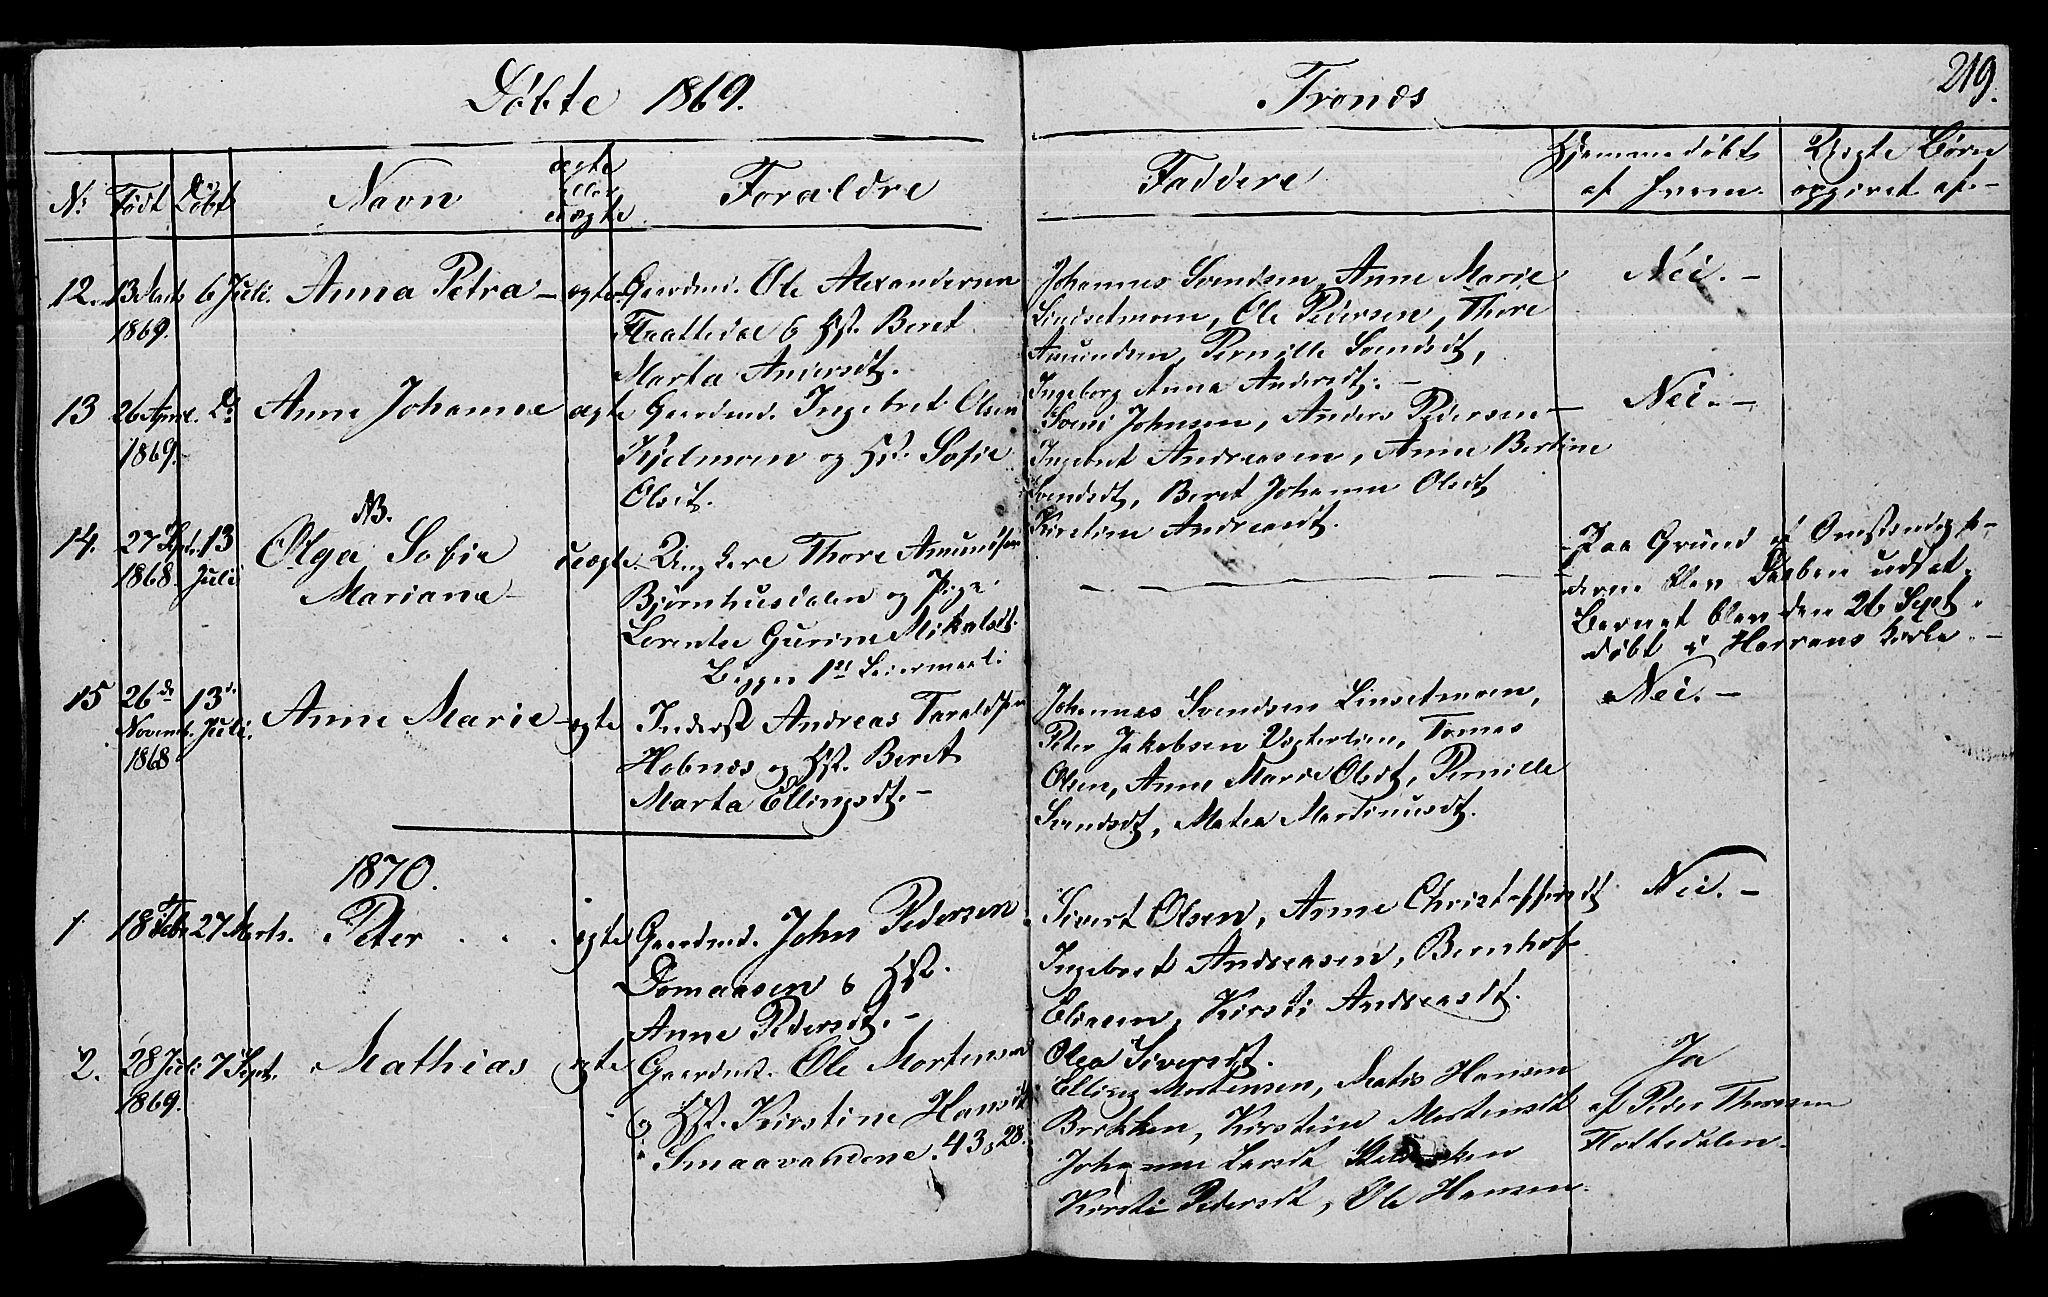 SAT, Ministerialprotokoller, klokkerbøker og fødselsregistre - Nord-Trøndelag, 762/L0538: Ministerialbok nr. 762A02 /2, 1833-1879, s. 219